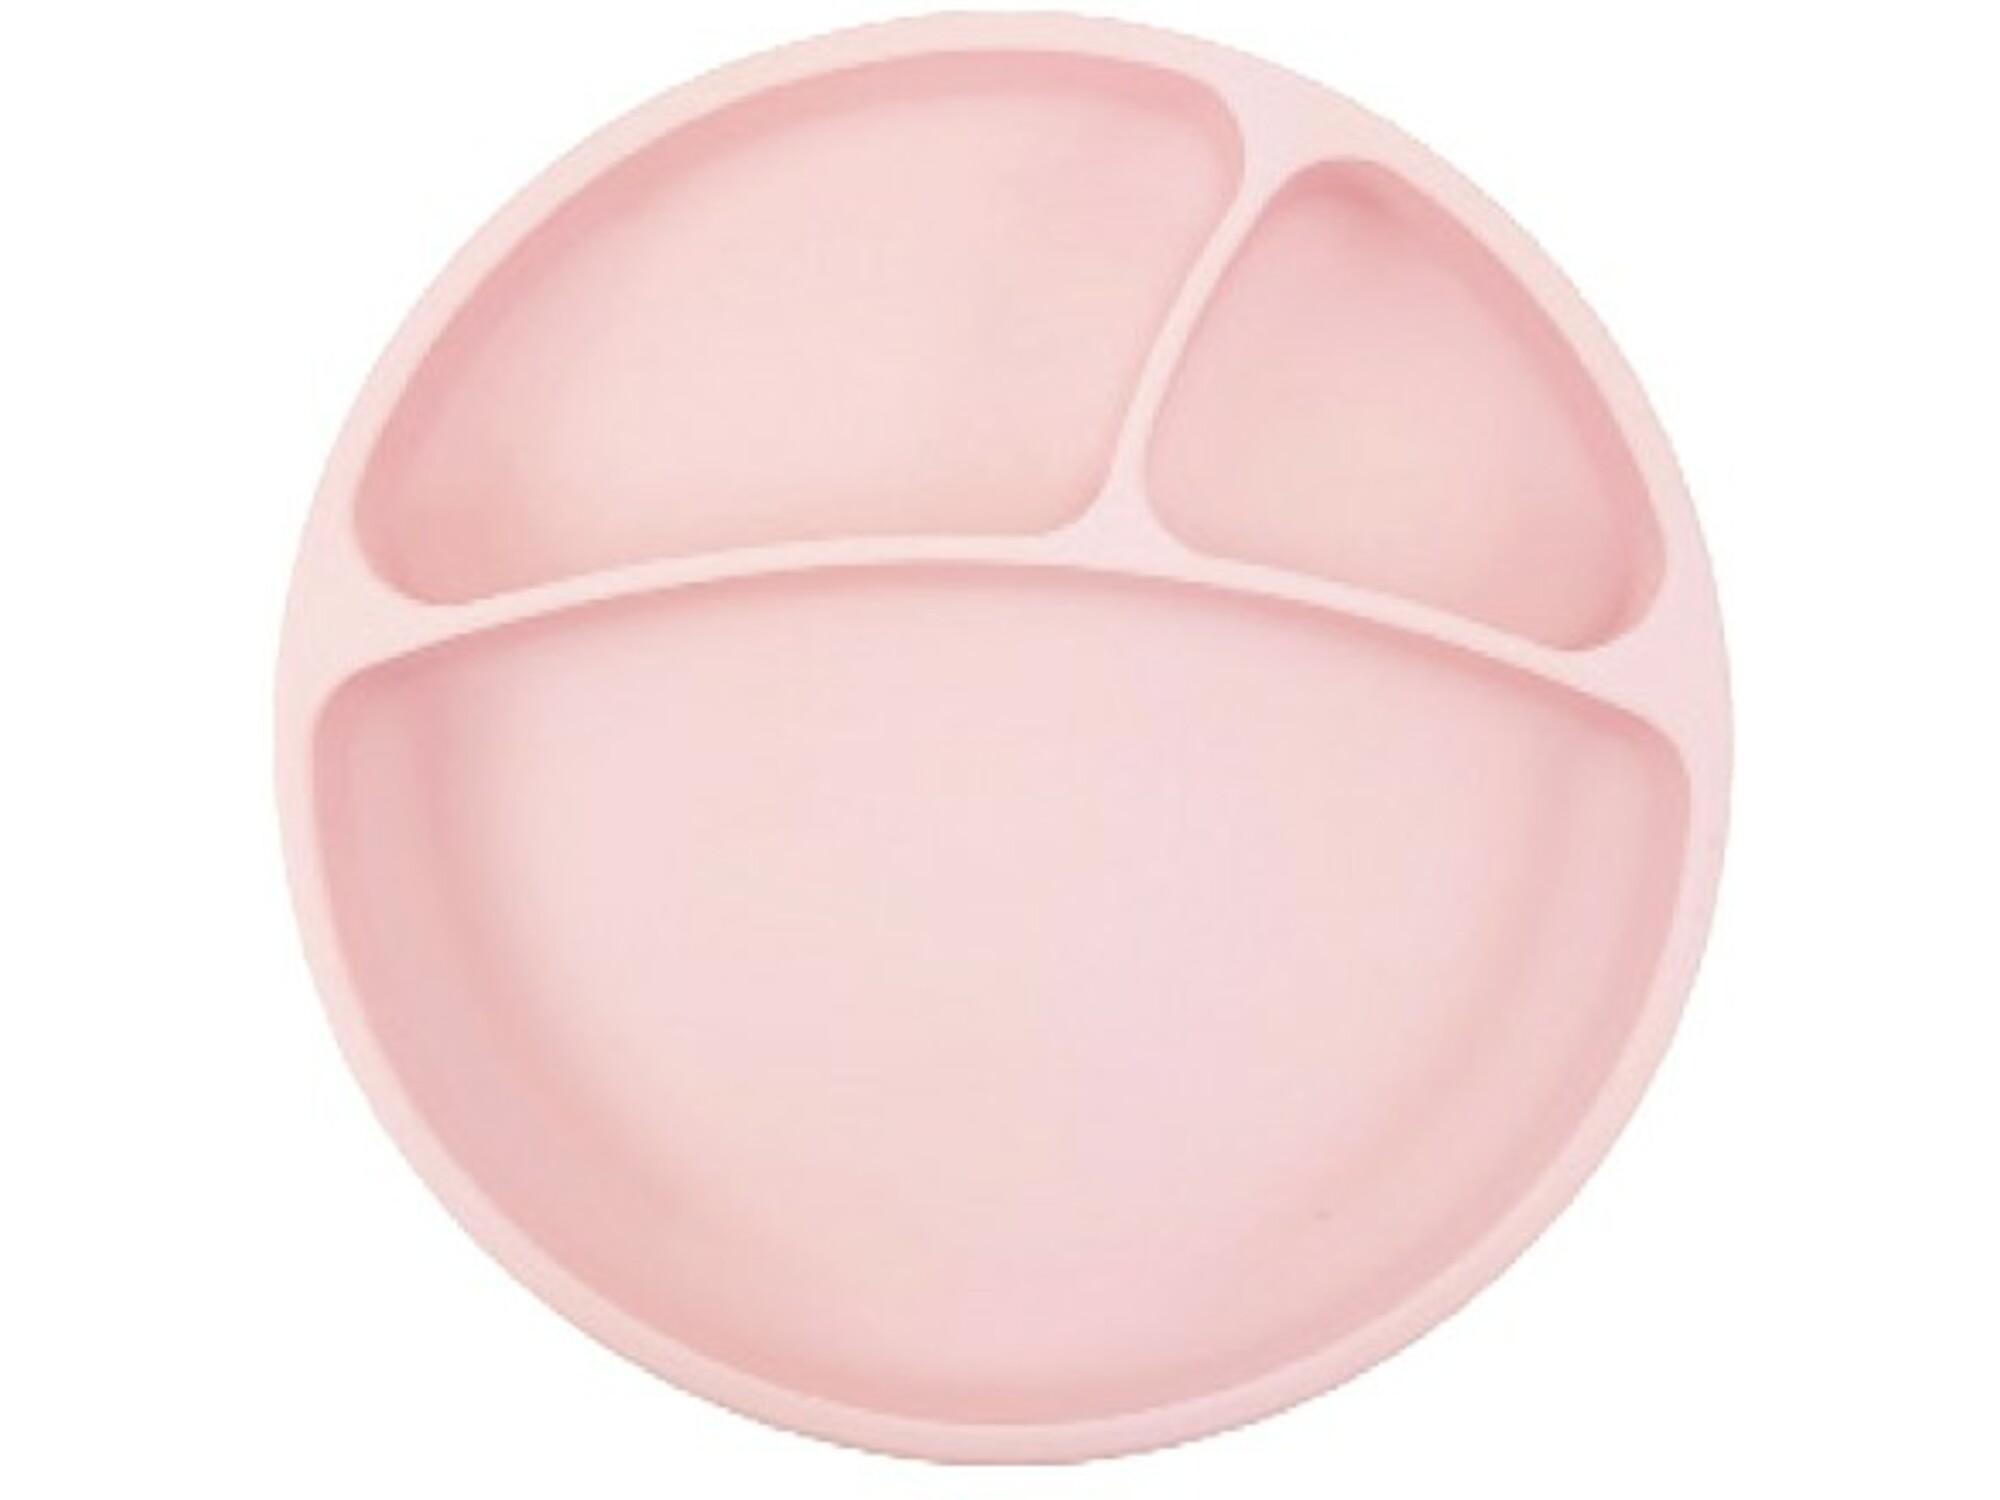 MINIKOIOI otroški krožnik iz silikona in vakumsko pritrditvijo Portions - roza